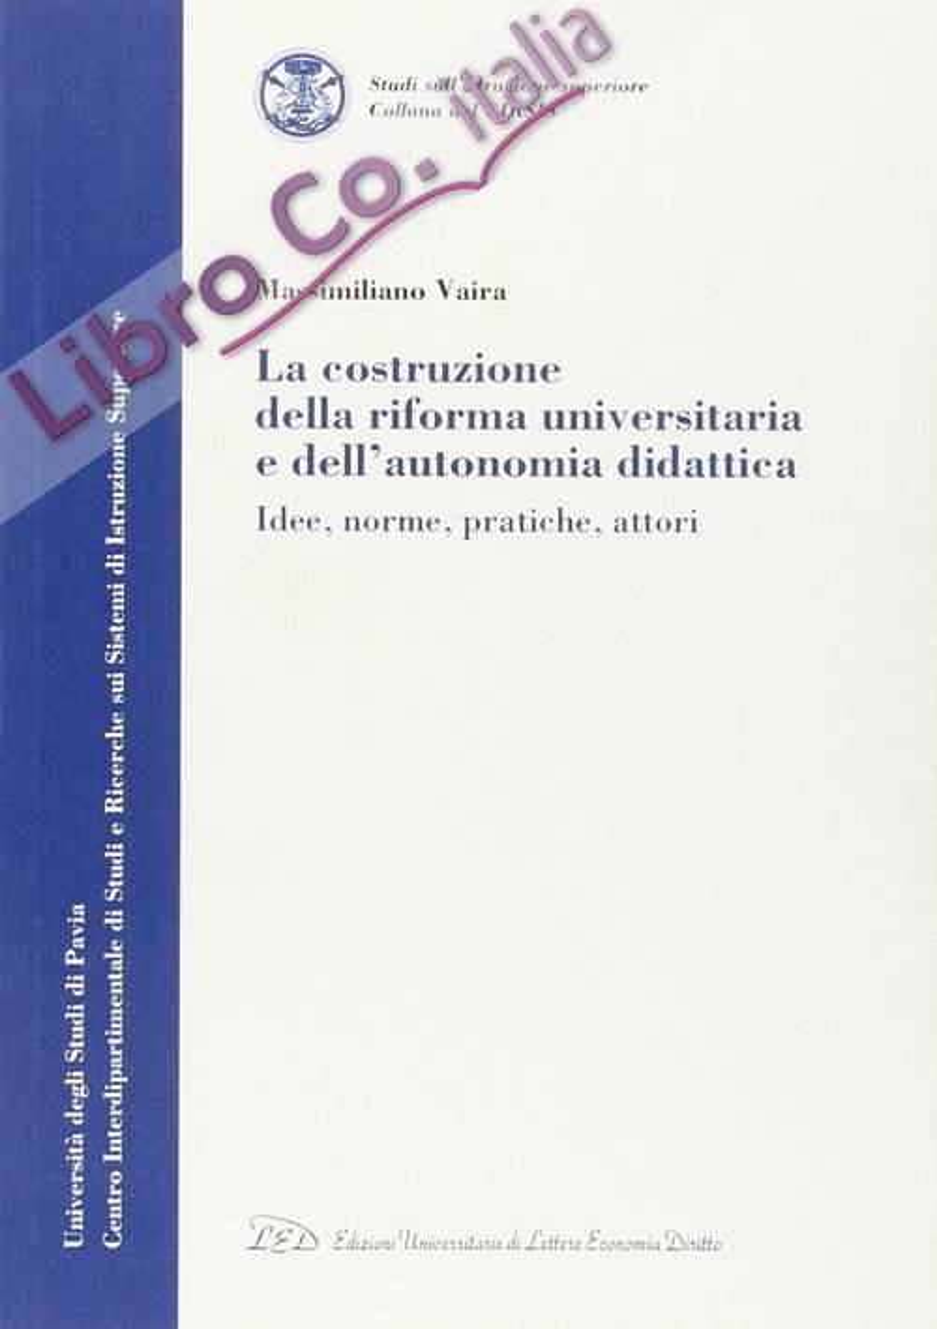 La costruzione della riforma universitaria e dell'autonomia didattica